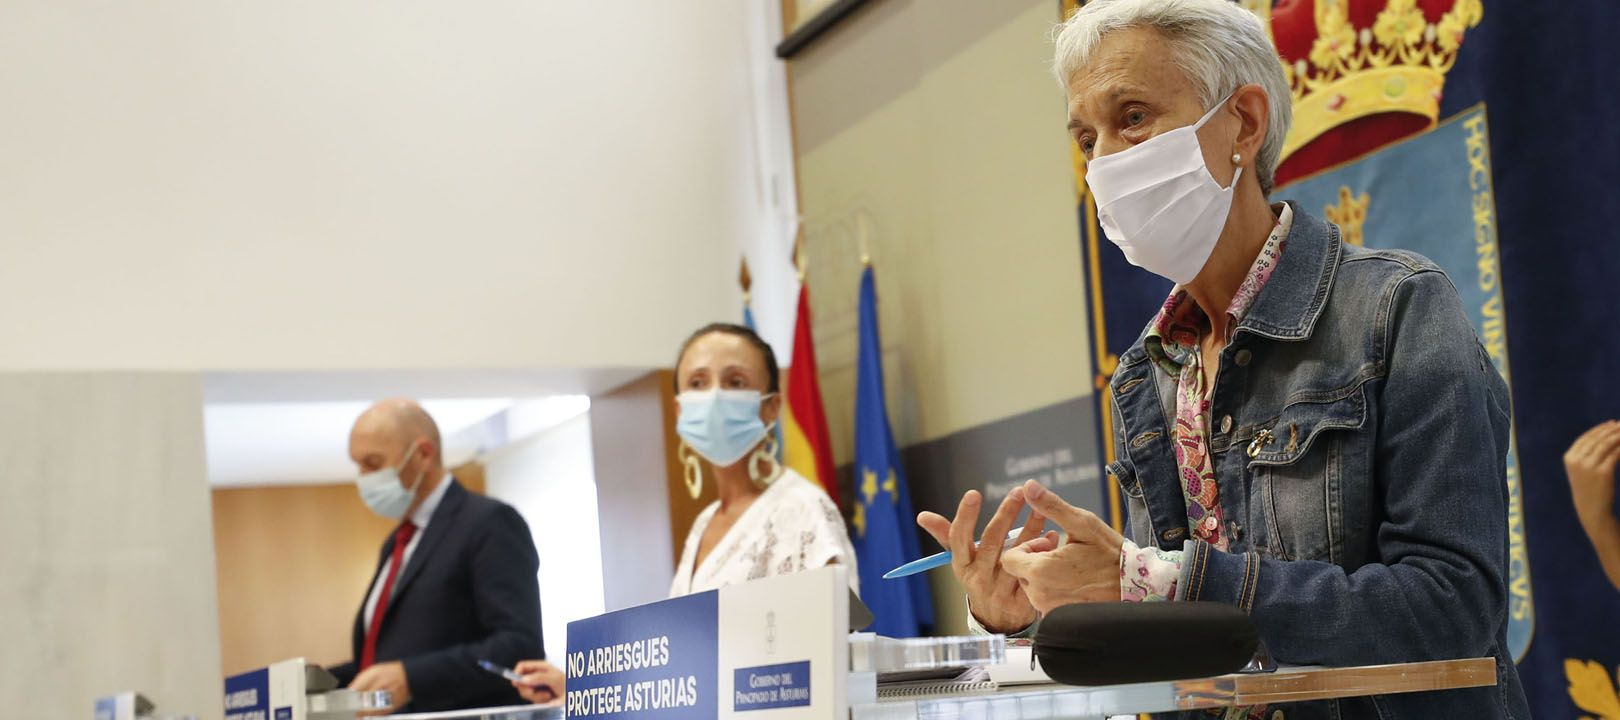 La portavoz del Gobierno y consejera de Derechos Sociales y Bienestar, Melania Álvarez; el vicepresidente y consejero de Administración Autonómica, Medio Ambiente y Cambio Climático, Juan Cofiño, y la consejera de Educación, Carmen Suárez.